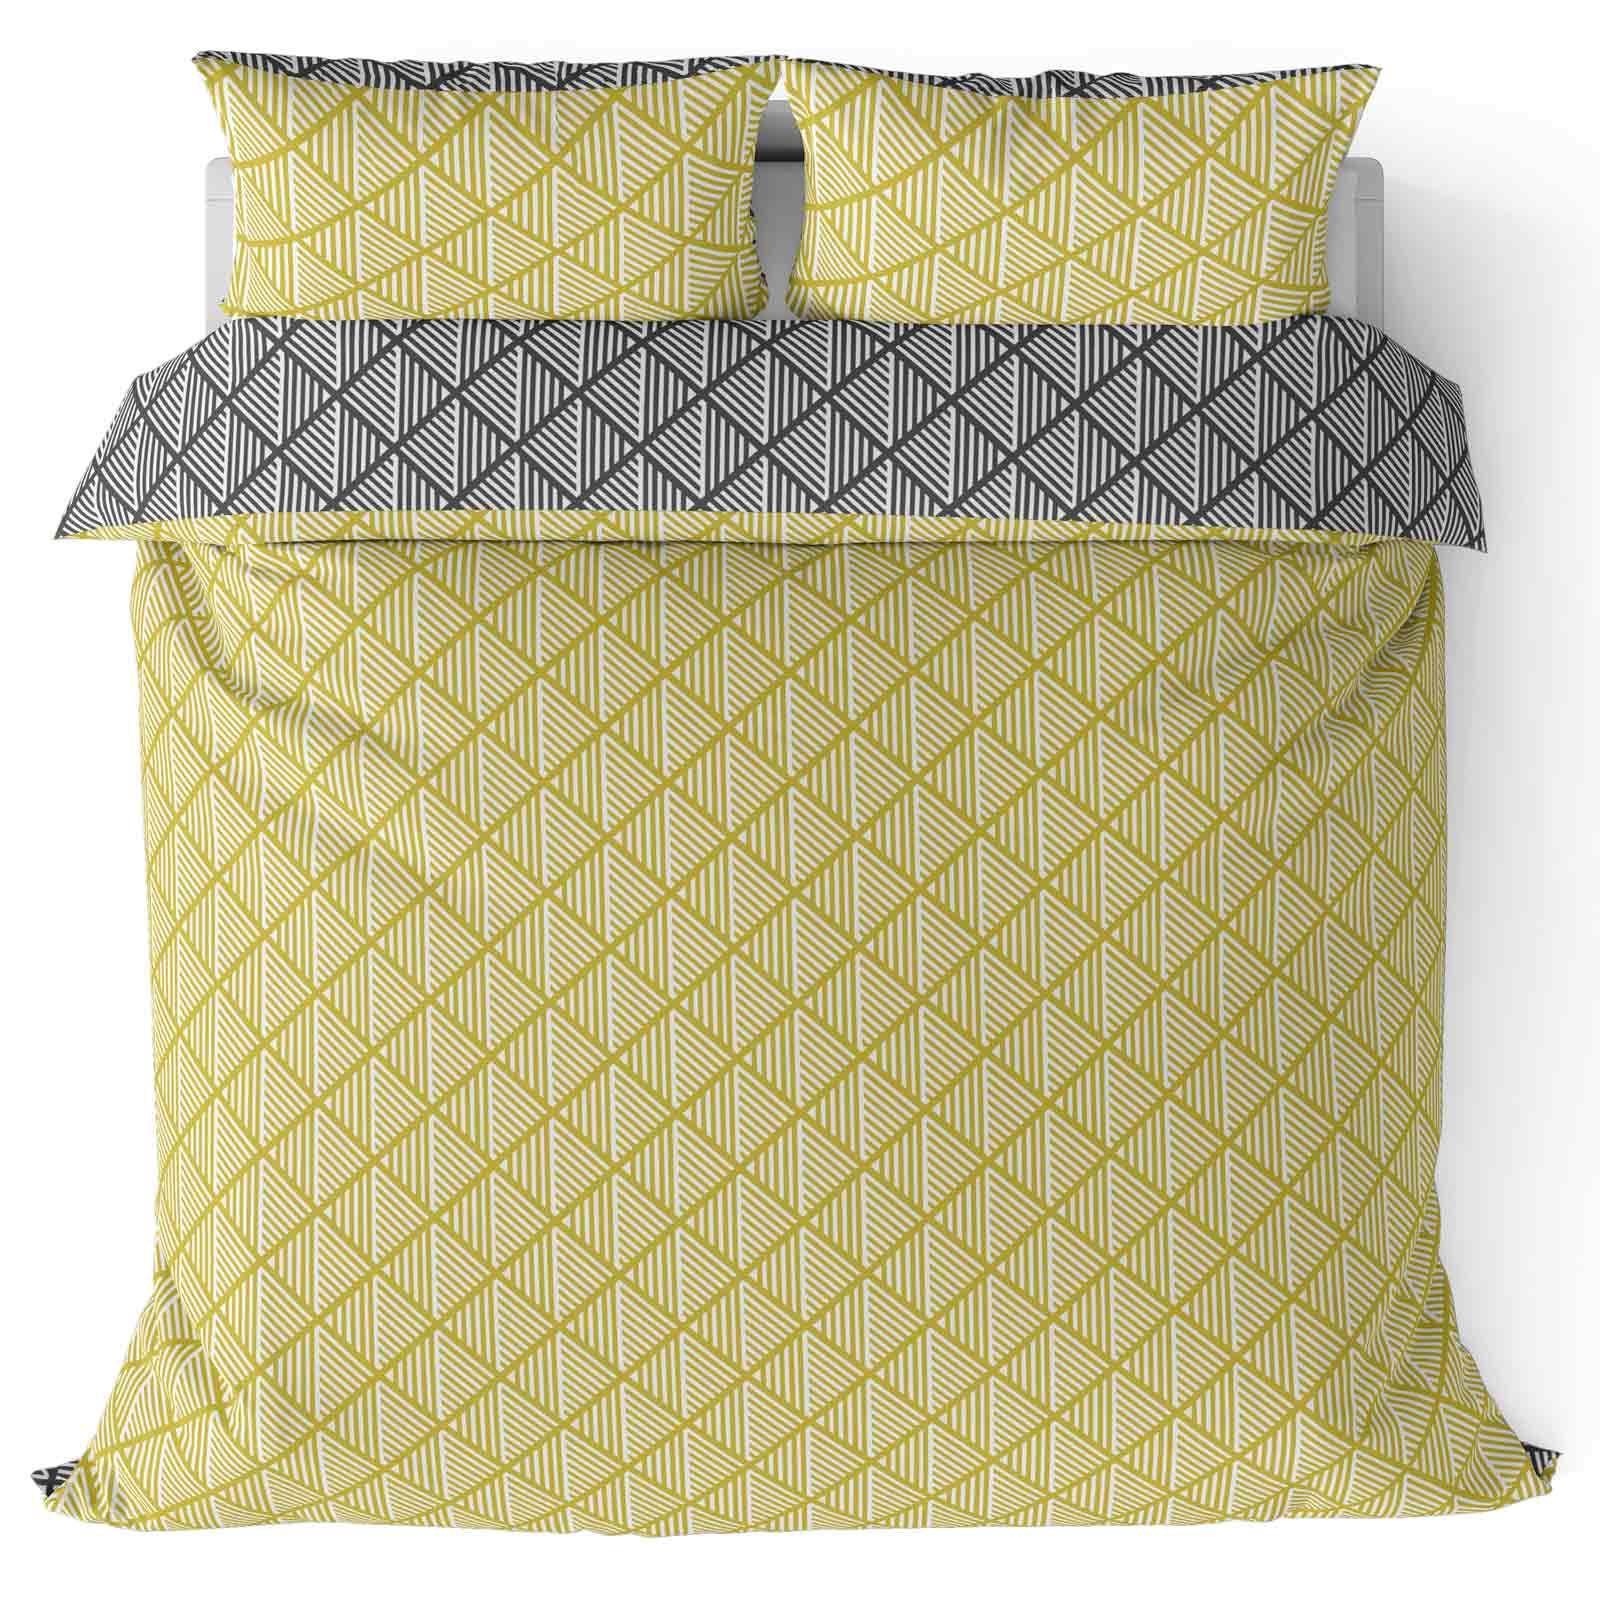 Mostaza-amarillo-ocre-Funda-de-edredon-impreso-Edredon-juego-ropa-de-cama-cubre-conjuntos miniatura 28